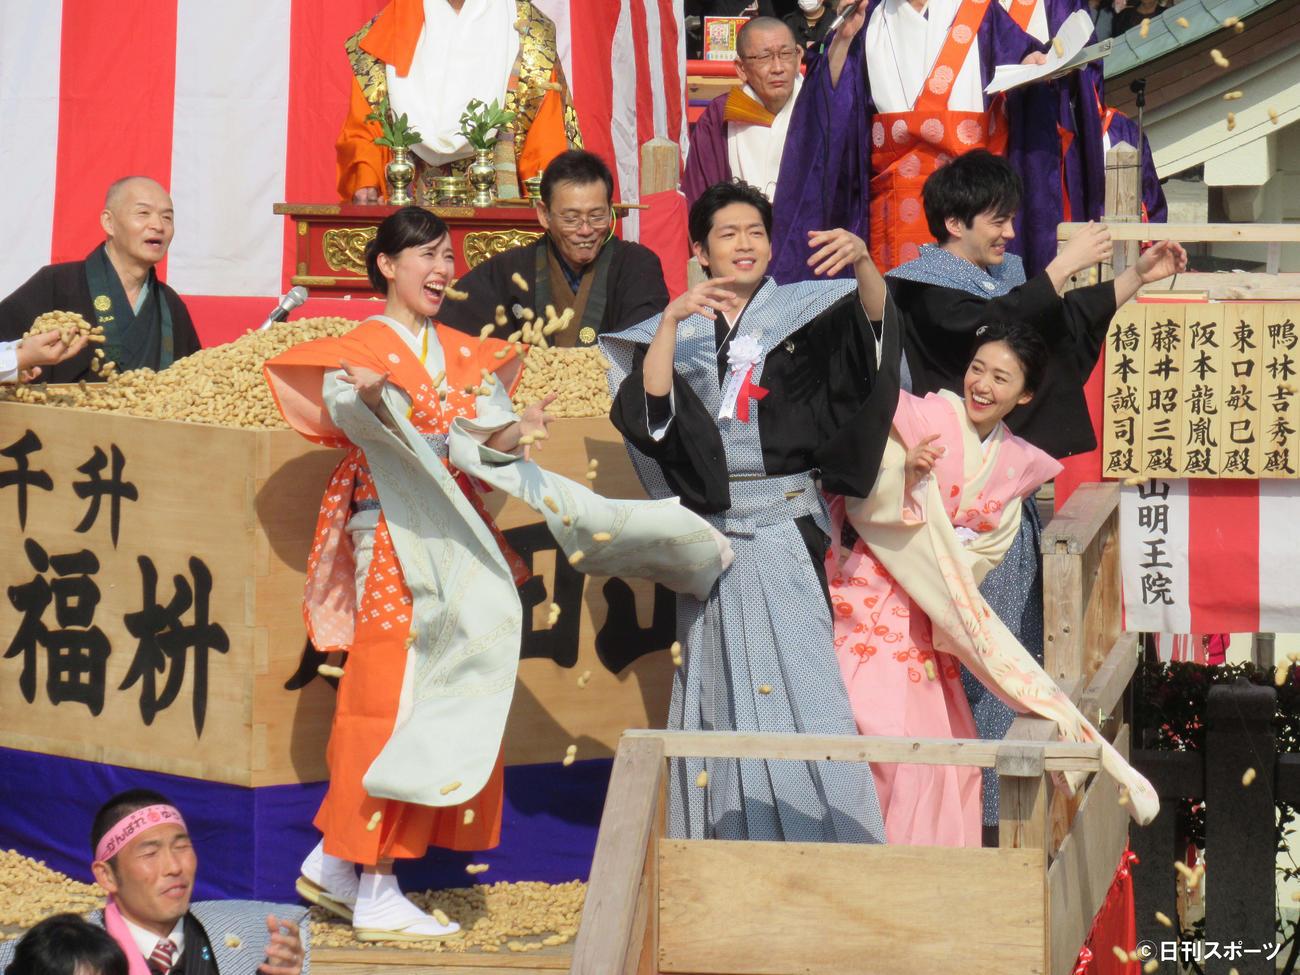 20年2月、成田山節分祭で豆まきをする左2人目から戸田恵梨香、松下洸平、大島優子、林遣都